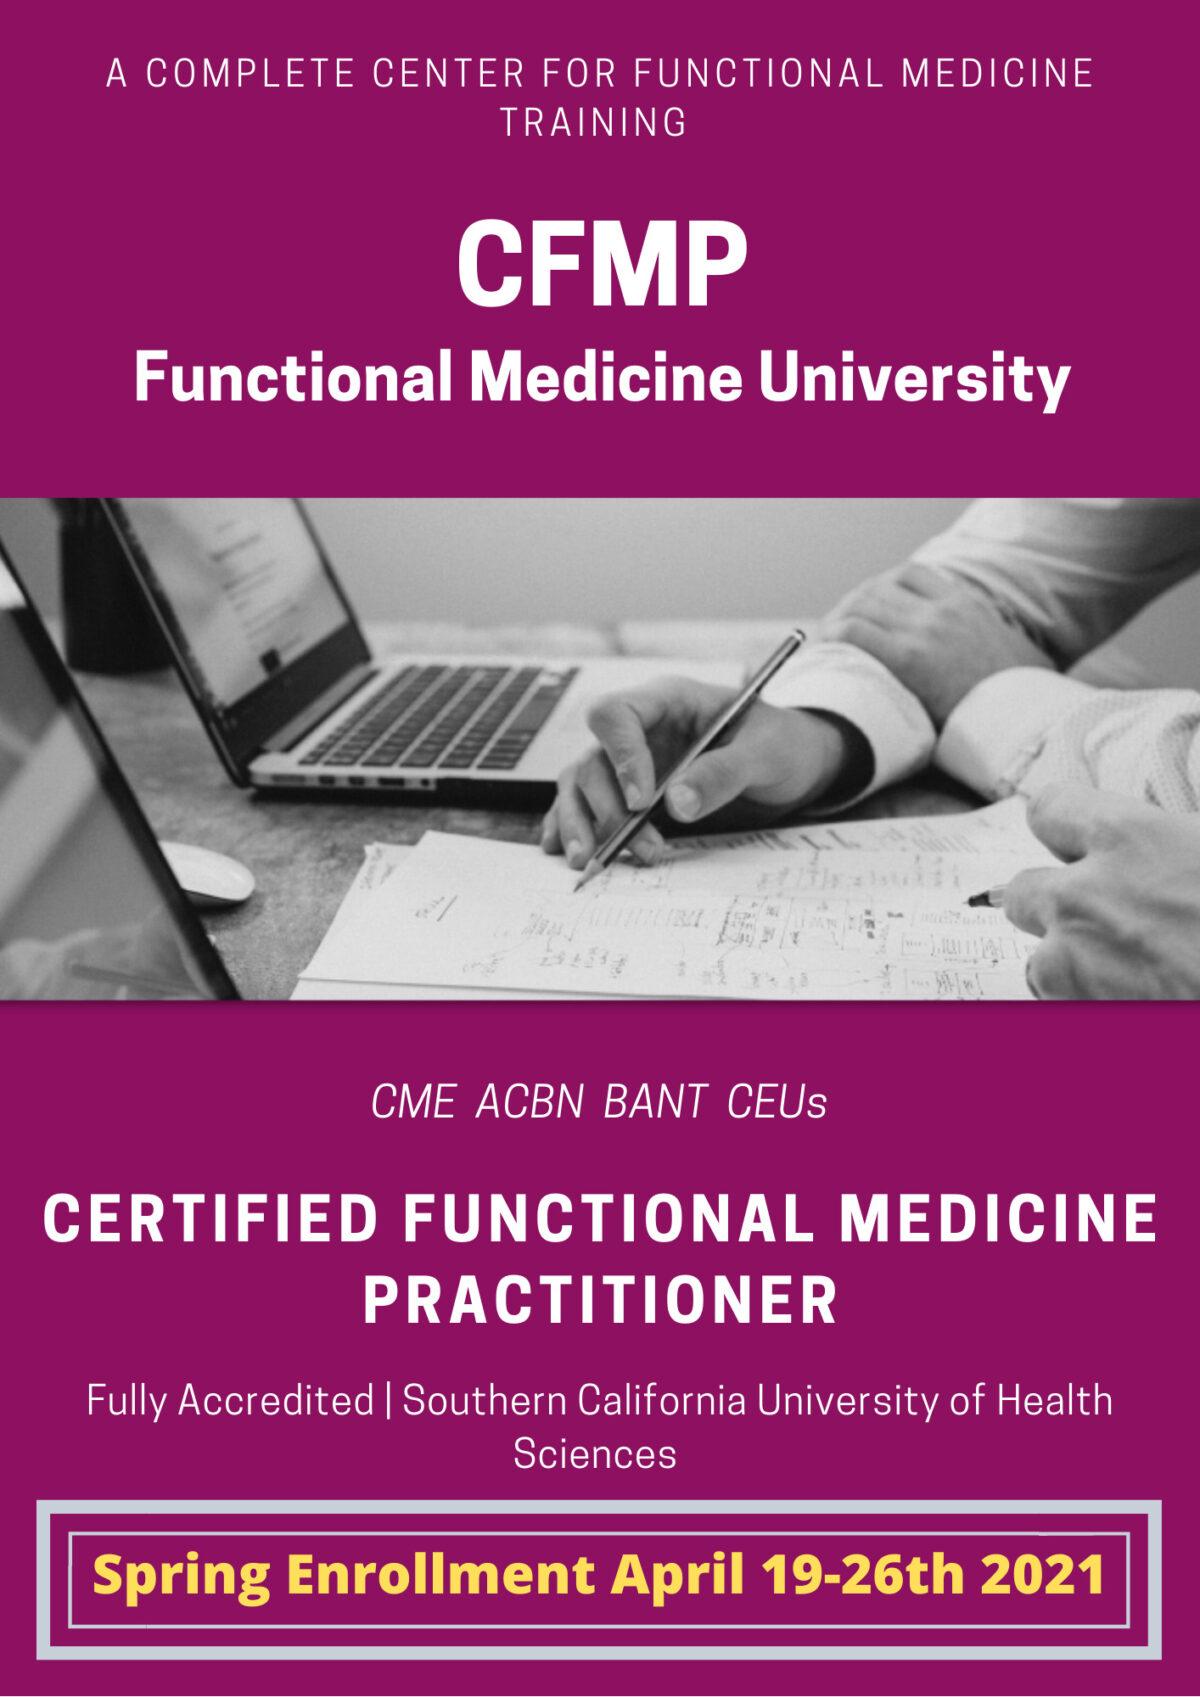 FMU Spring Enrollment | Certified Functional Medicine Practioner Online Training